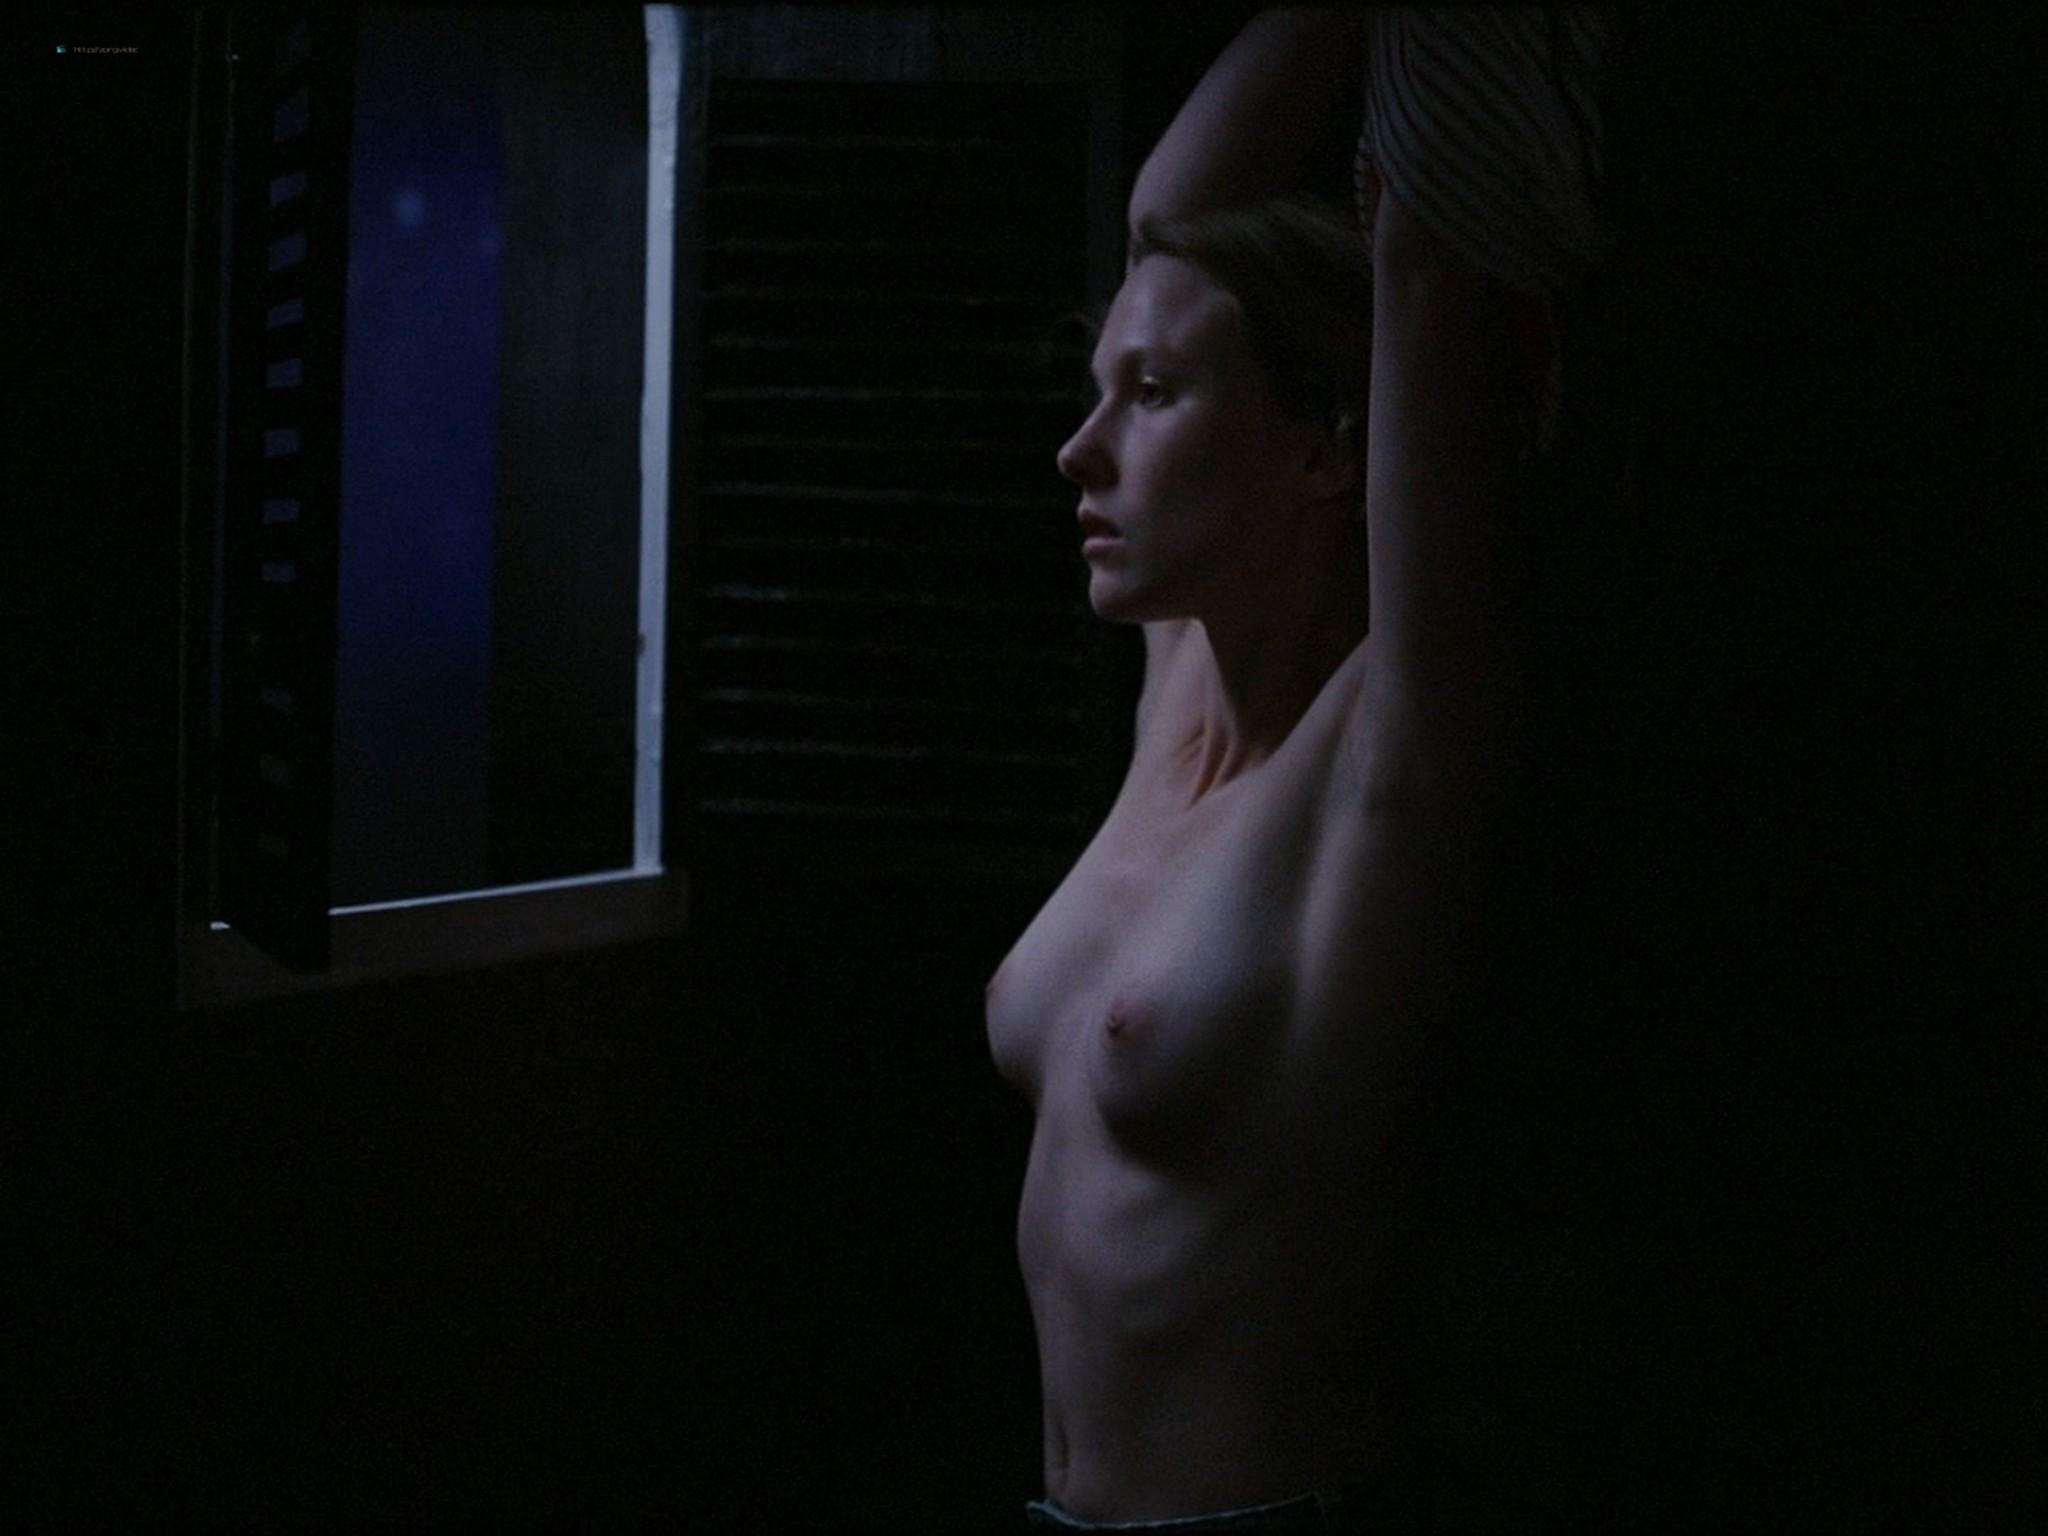 Sarah-Megan Allouch nude Mathilde Mennetrier nude sex - Les îles (2017) HD 1080p (7)